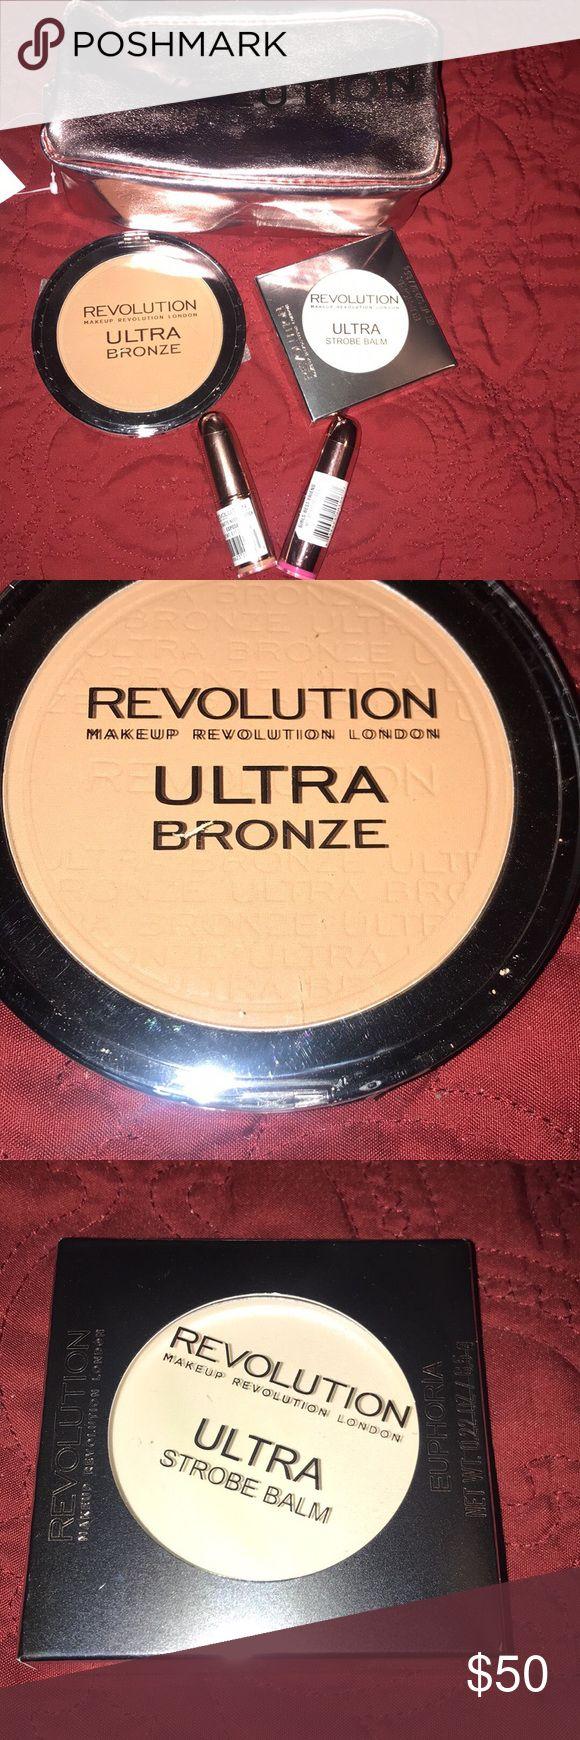 New Makeup Revolution London Bundle Bundle includes